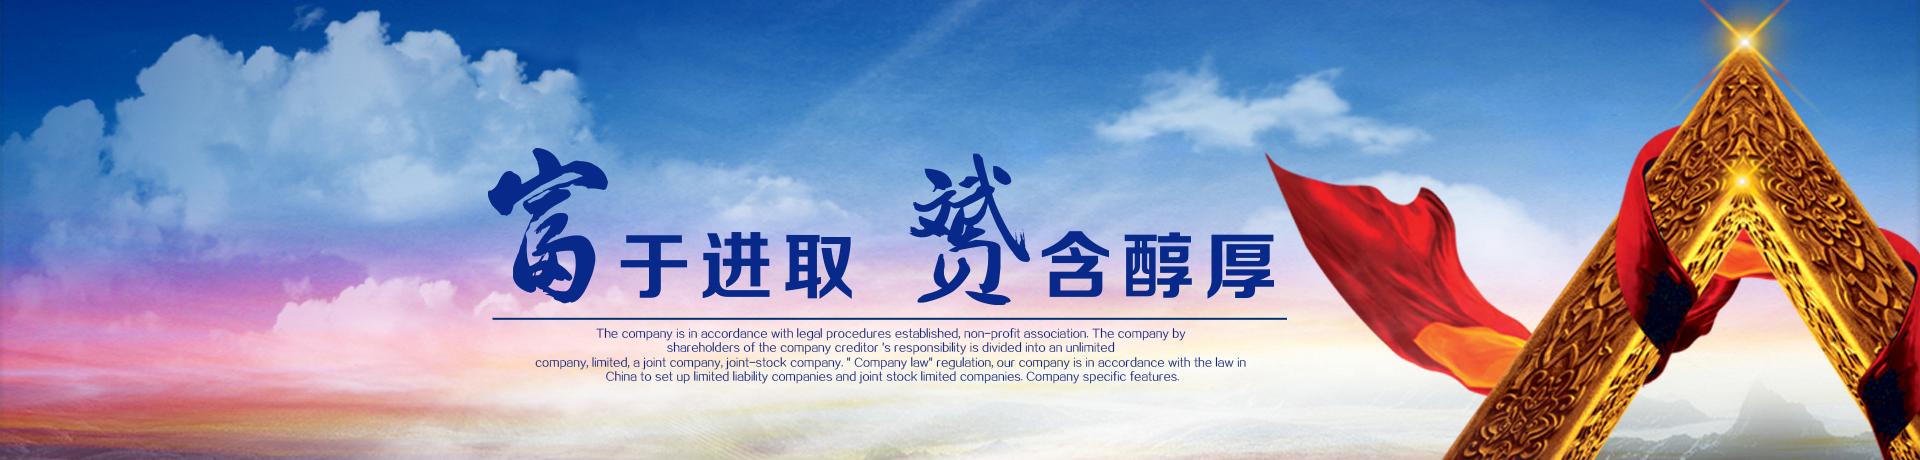 富赟贸易(江苏)有限公司